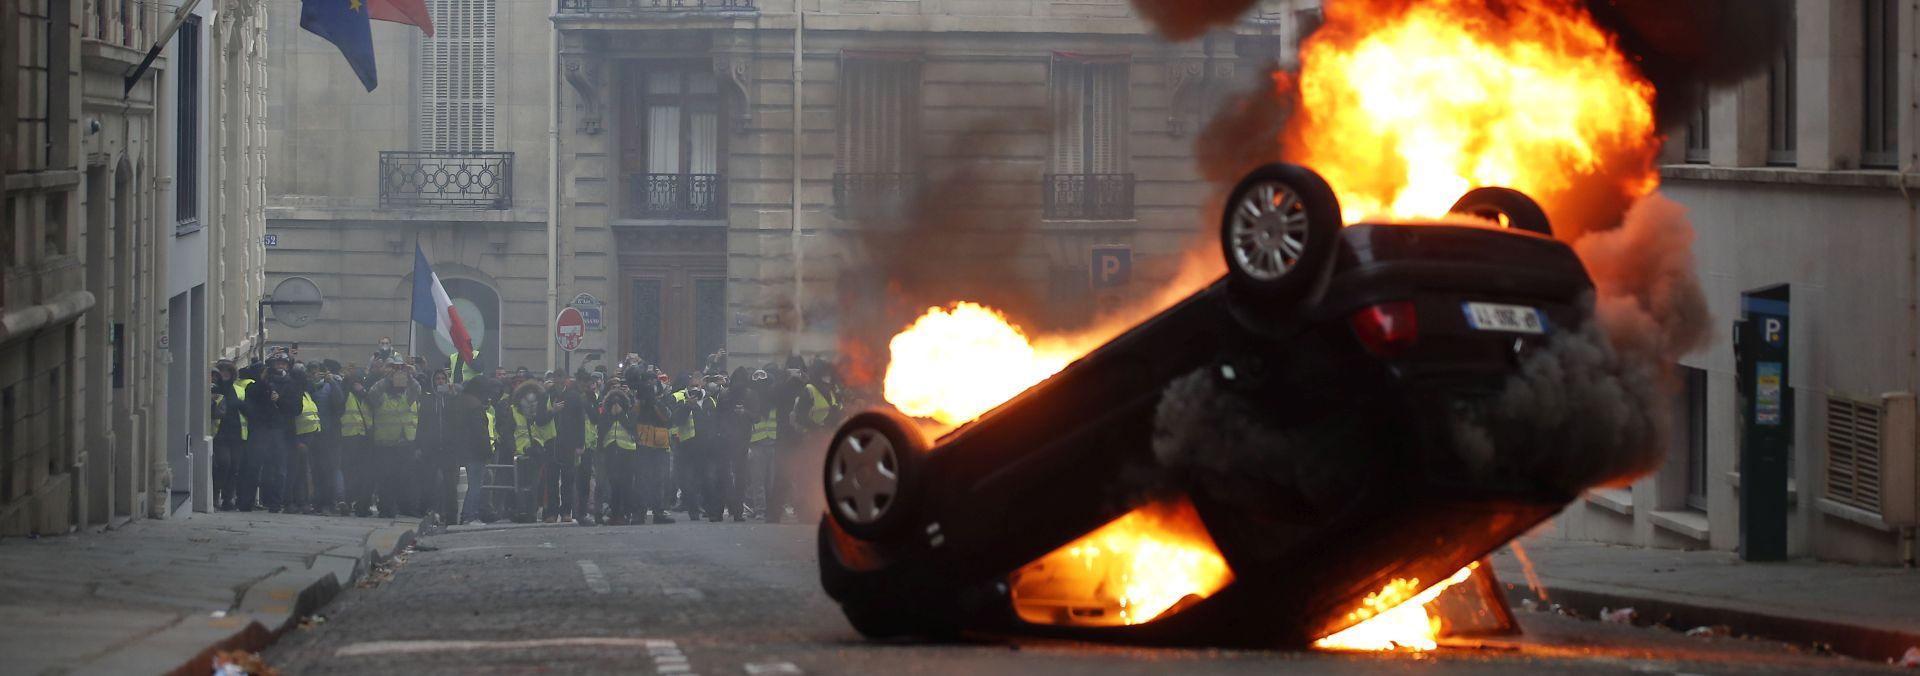 Na području Pariza policija uhitila 1082 osoba